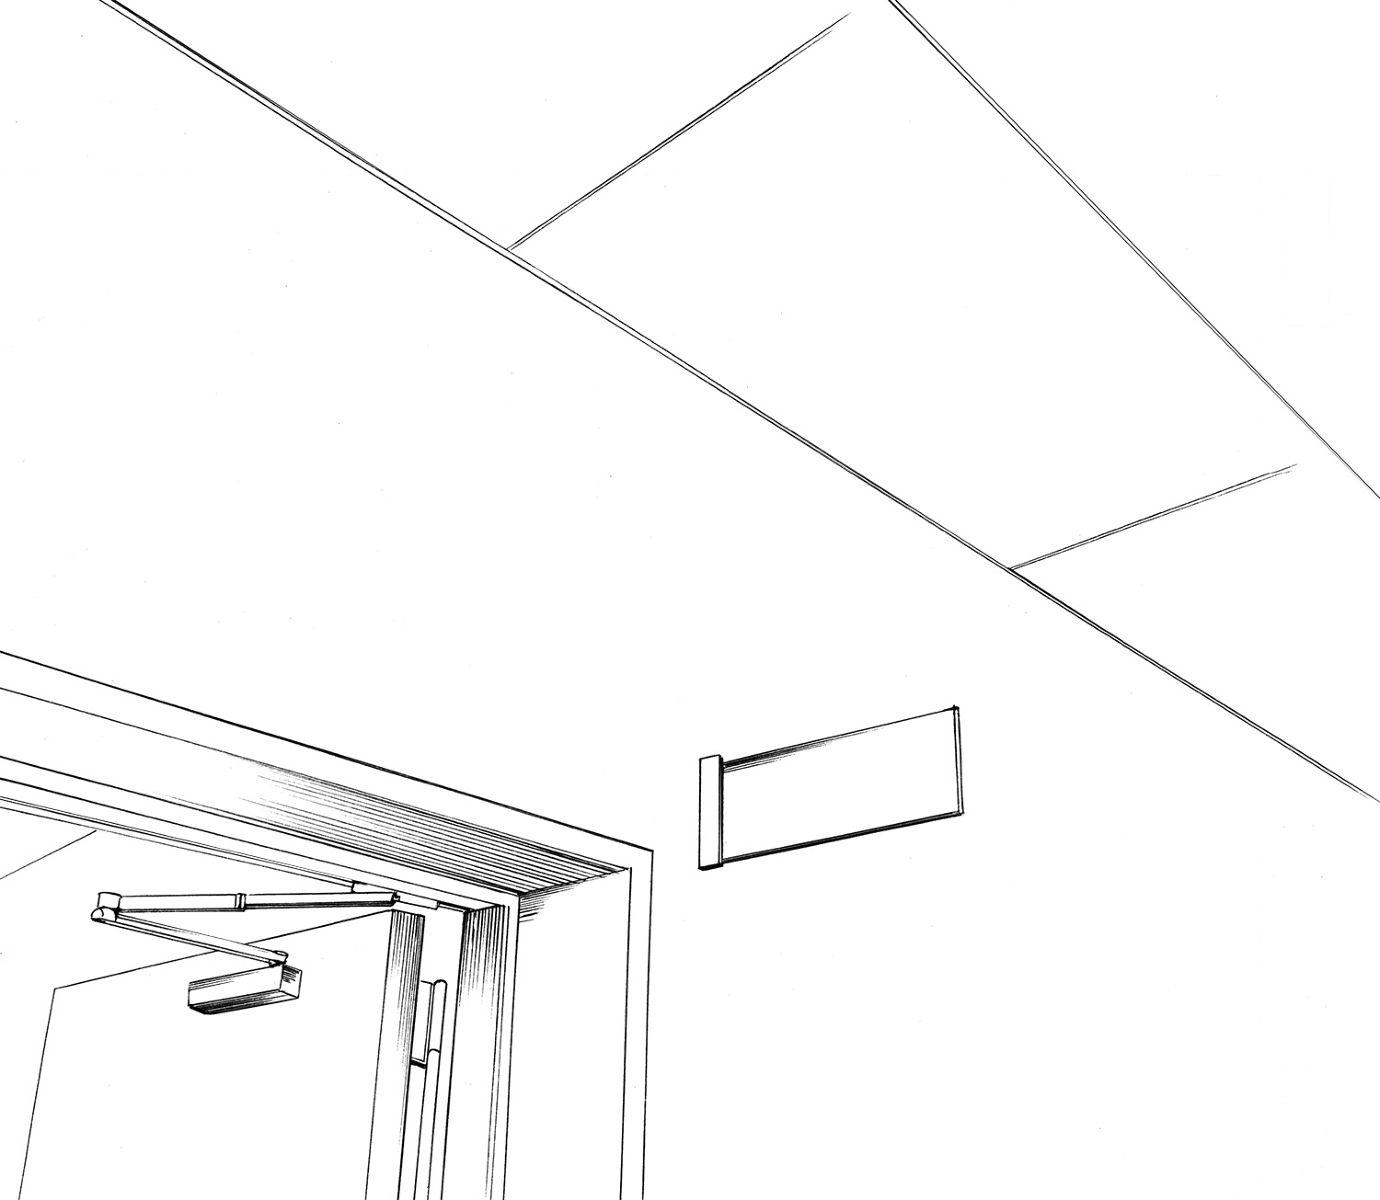 线稿-室内设计手绘图片 手绘单体家具图片_手绘家具图片-飞虎图片分享